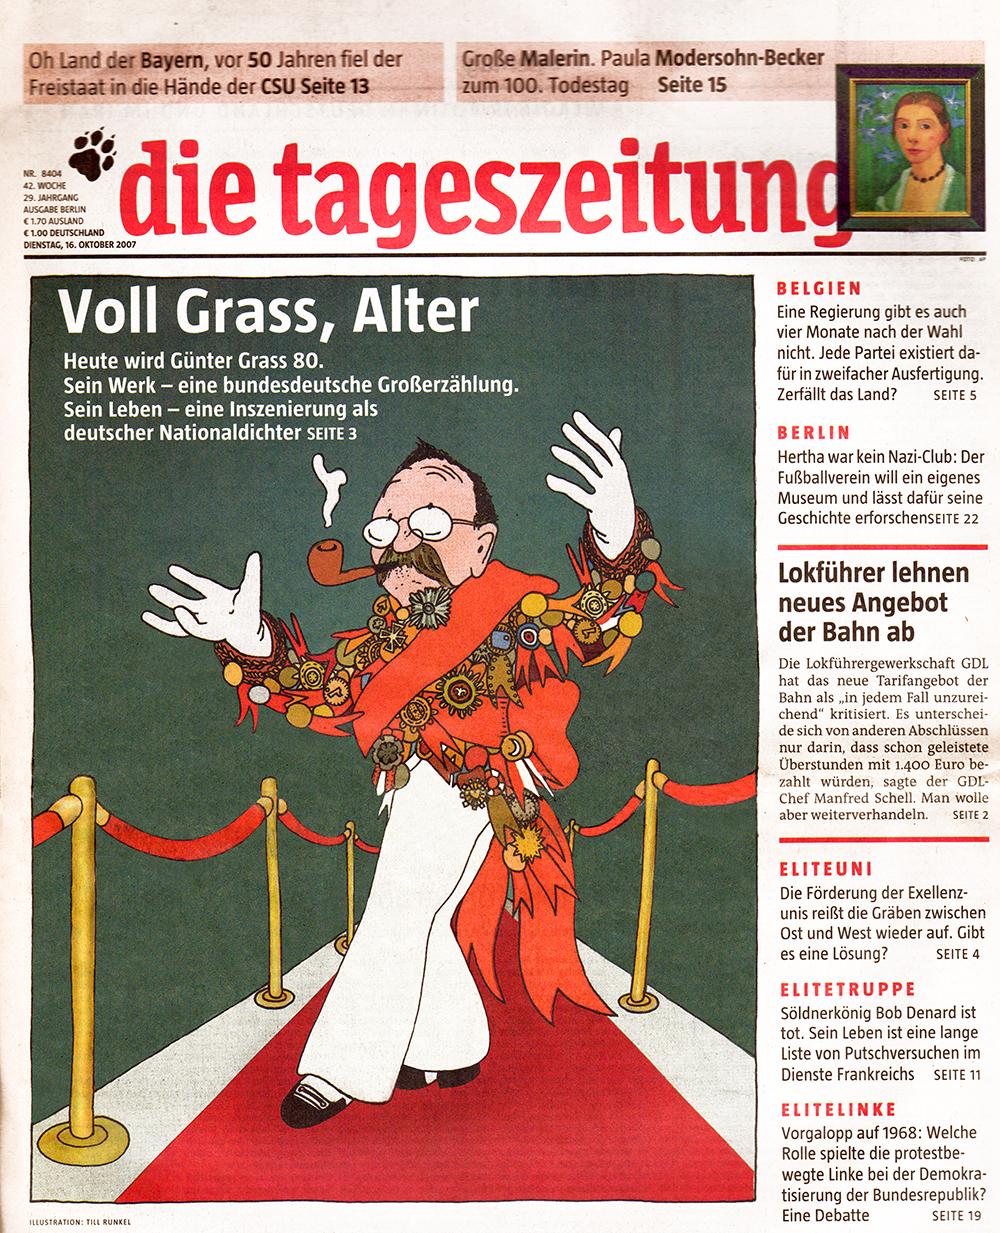 Zeitungstitelseite der taz vom 16.10.2007 mit der Karikatur des deutschen Nationaldichters Günter Grass